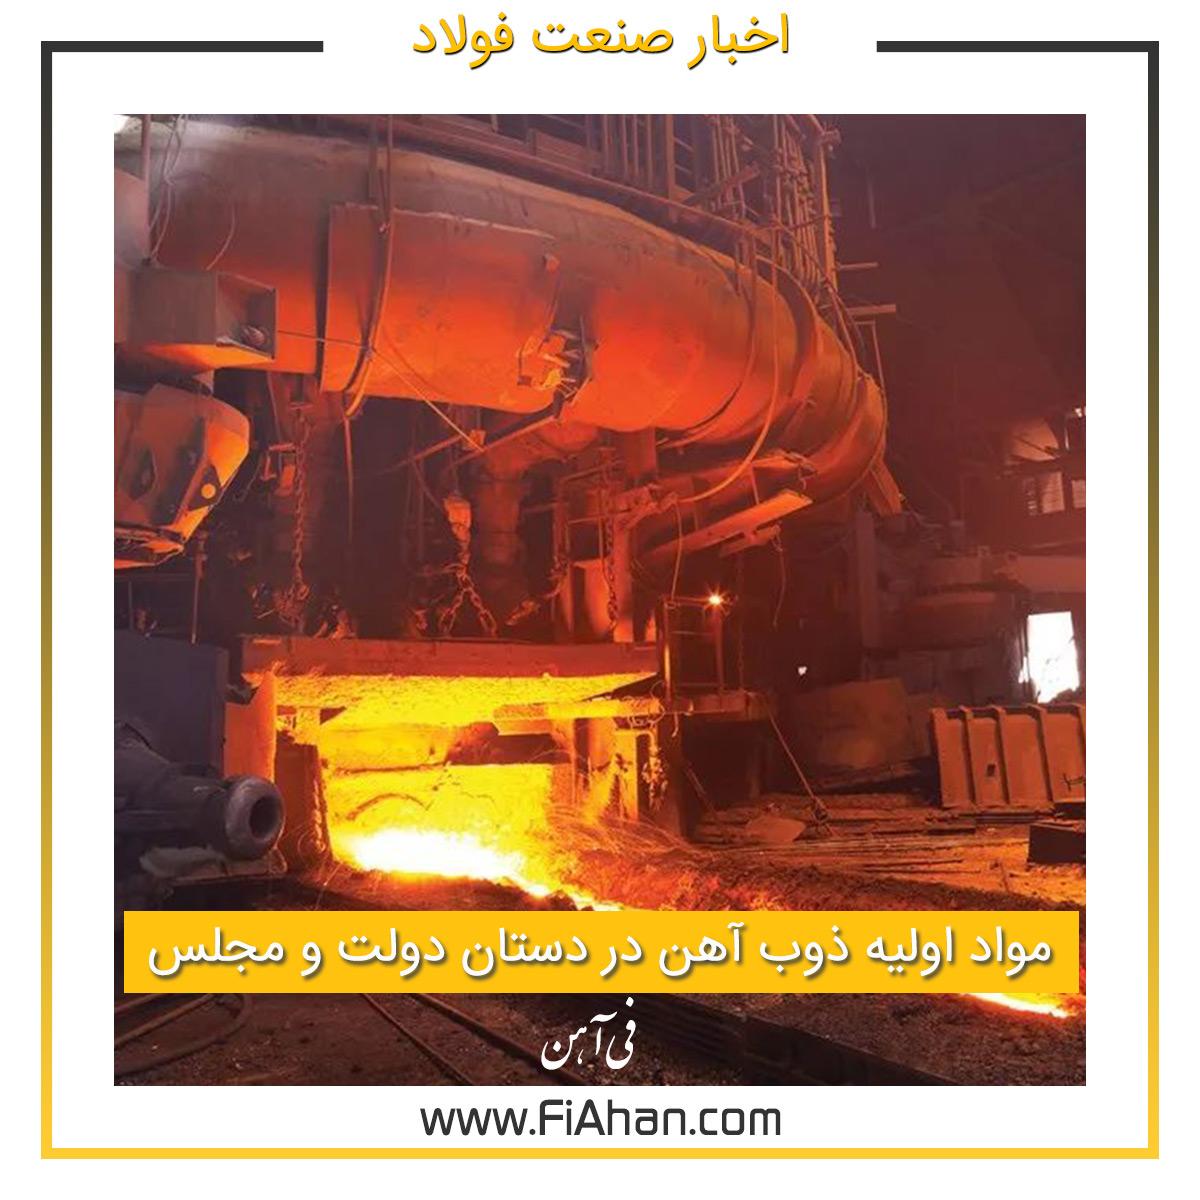 مواد اولیه ذوب آهن در دستان دولت و مجلس